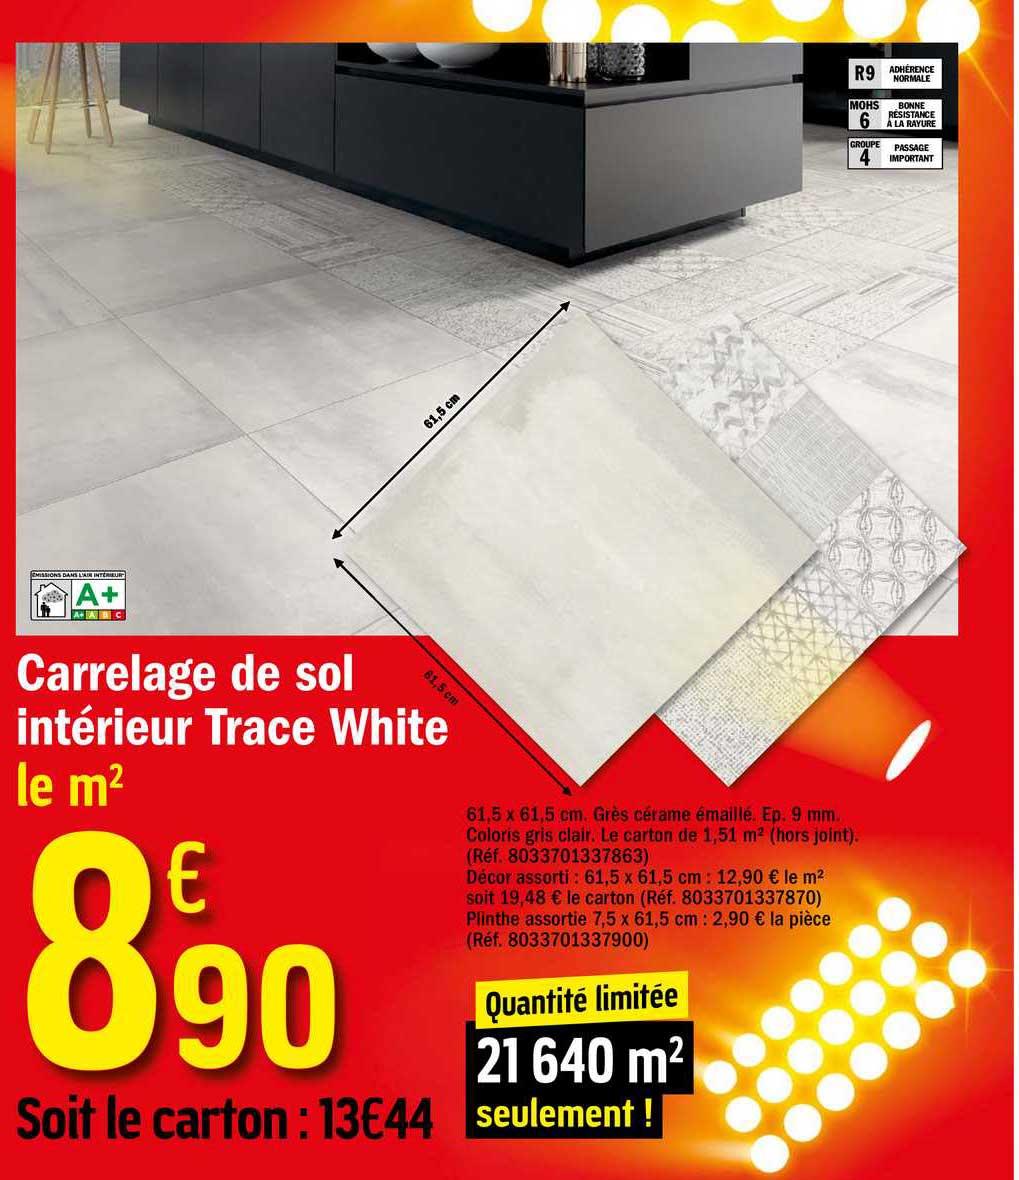 Offre Carrelage De Sol Interieur Trace White Chez Brico Depot